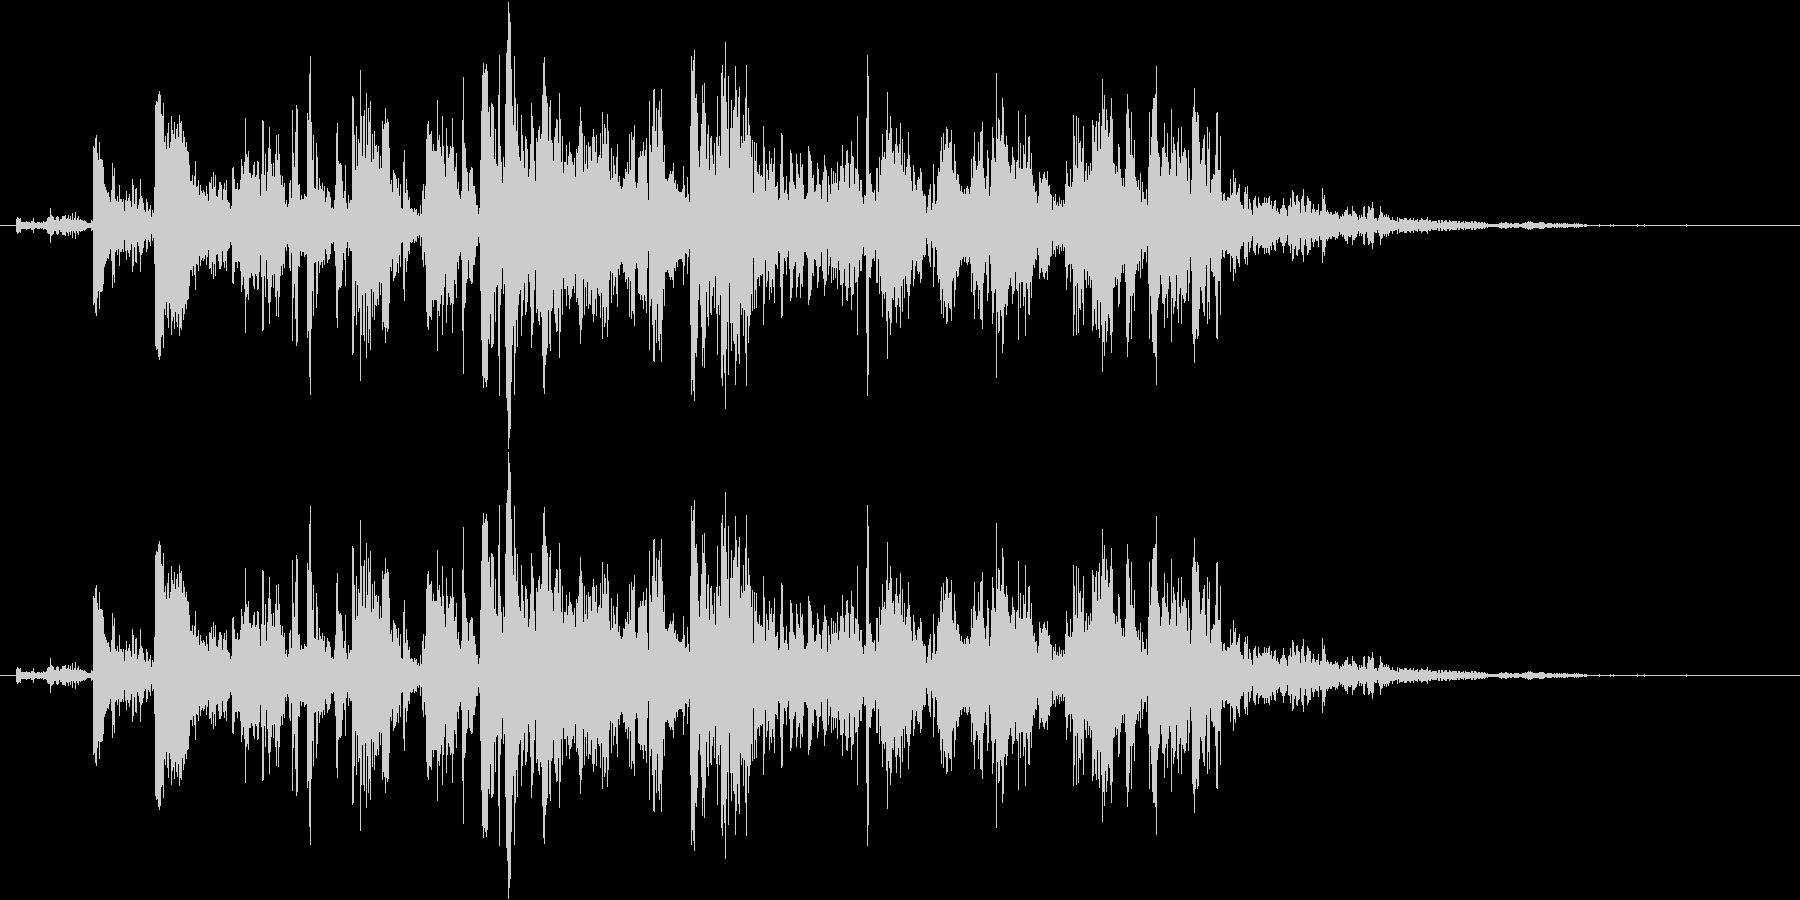 鎖を動かす音7【短い】の未再生の波形